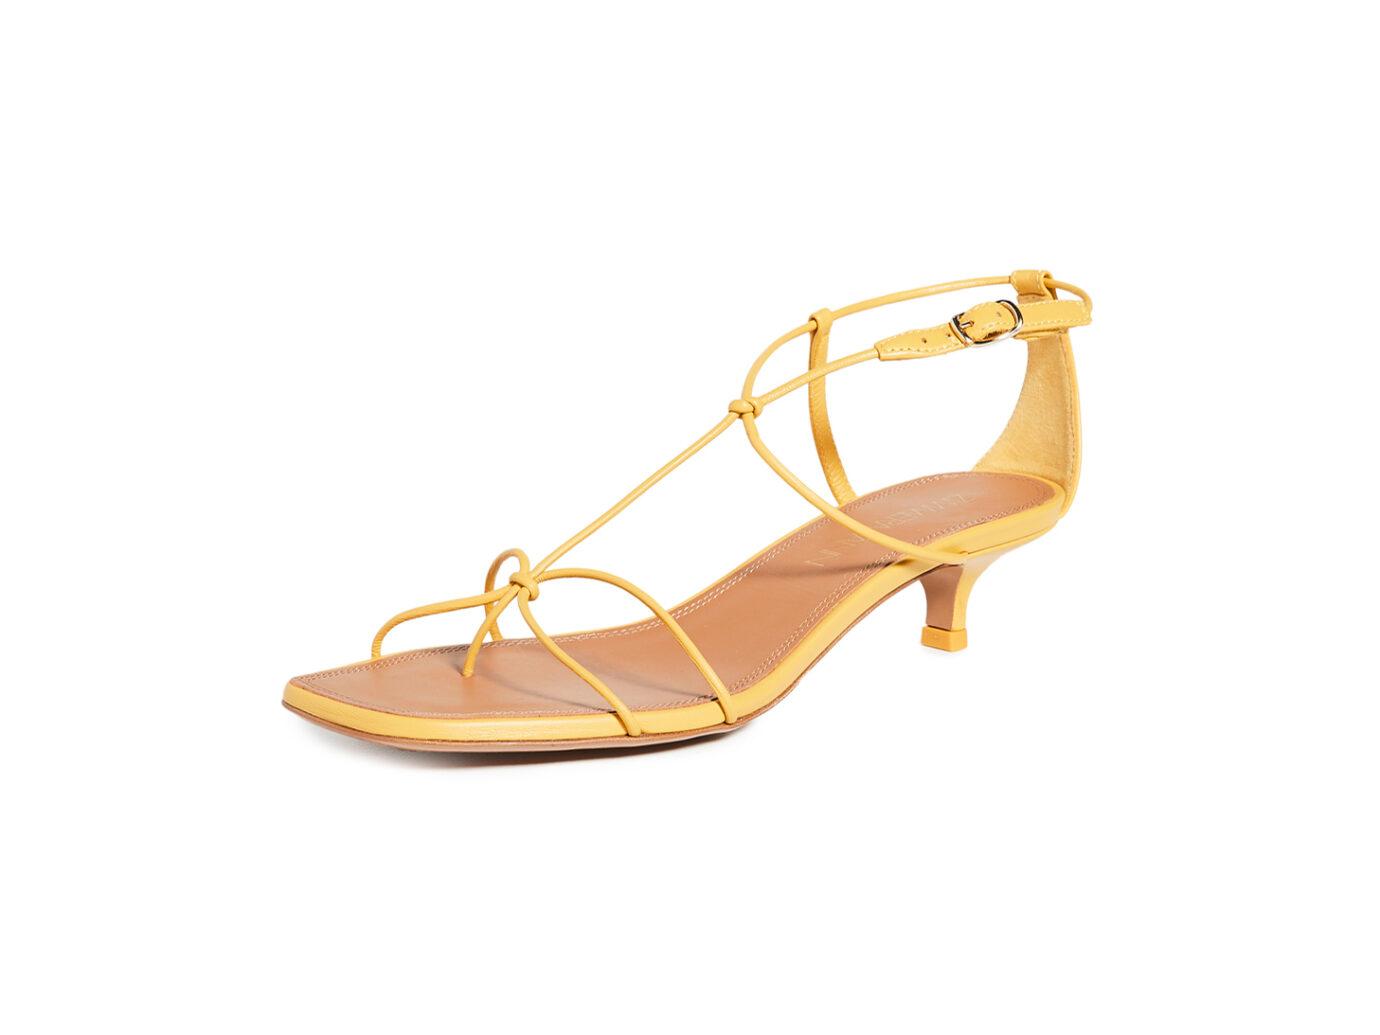 Zimmermann Strappy Kitten Heel Sandals